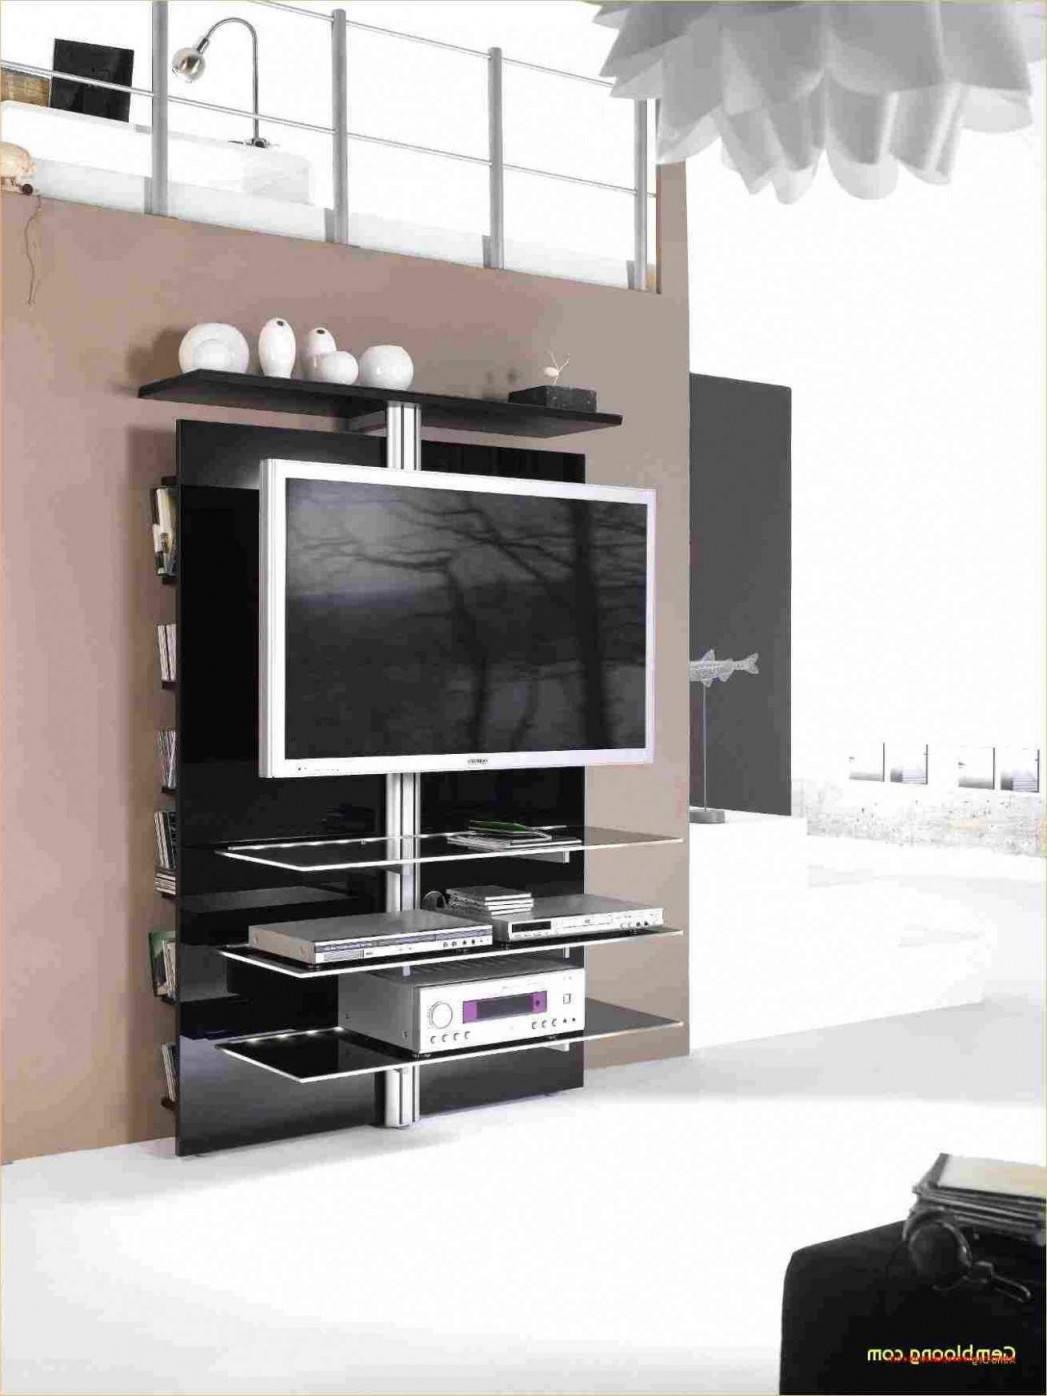 wohnzimmermobel von musterring elegant 35 chic tv mobel selber konfigurieren of wohnzimmermobel von musterring